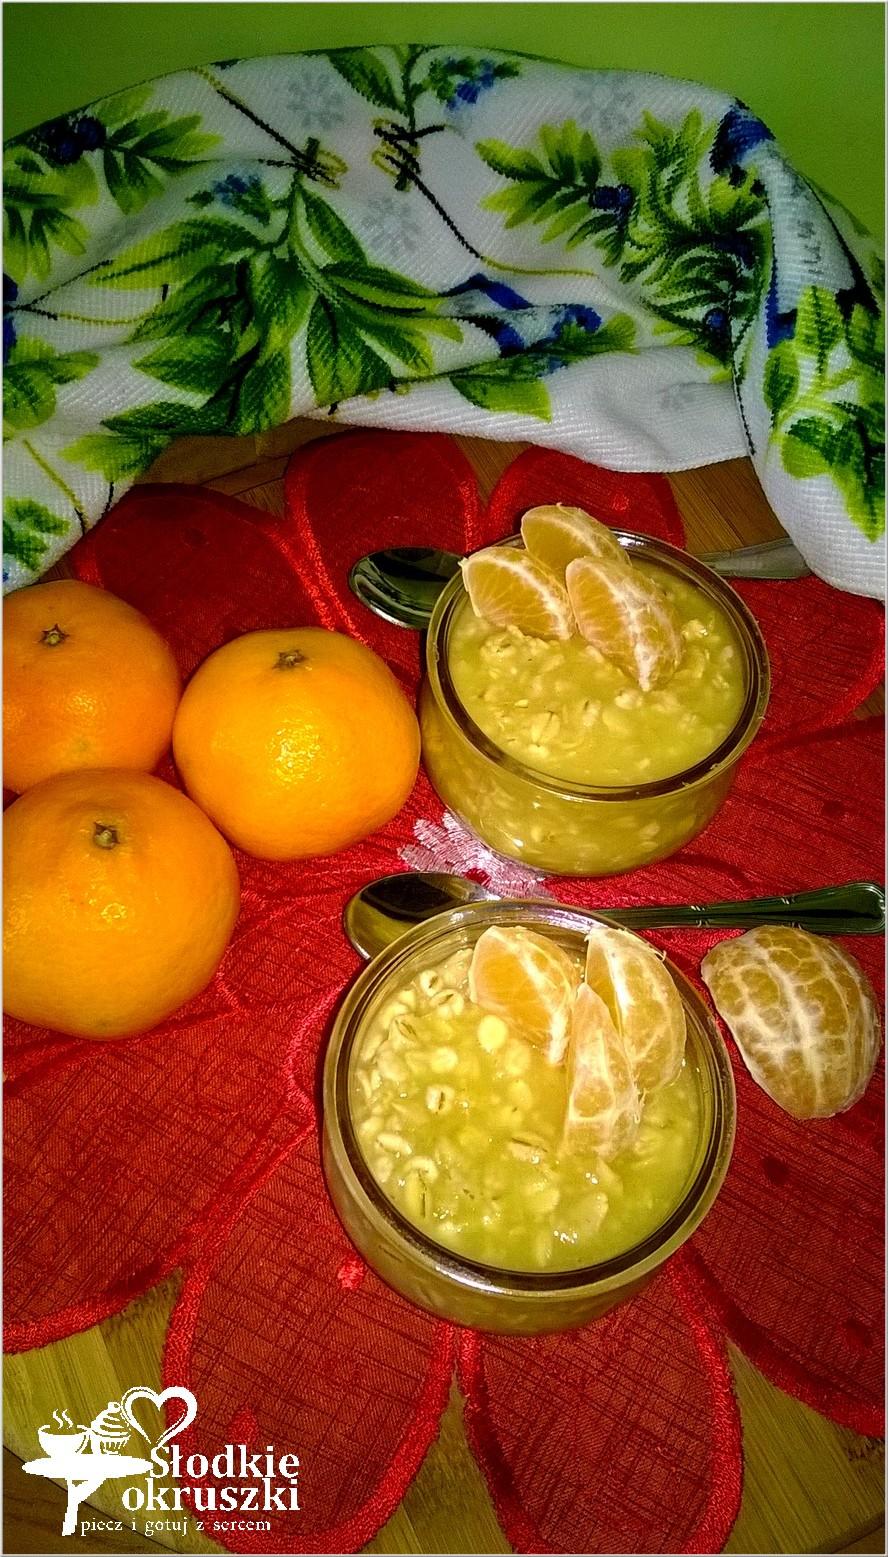 Zdrowy kisiel ananasowy z płatkami owsianymi i jęczmiennymi.